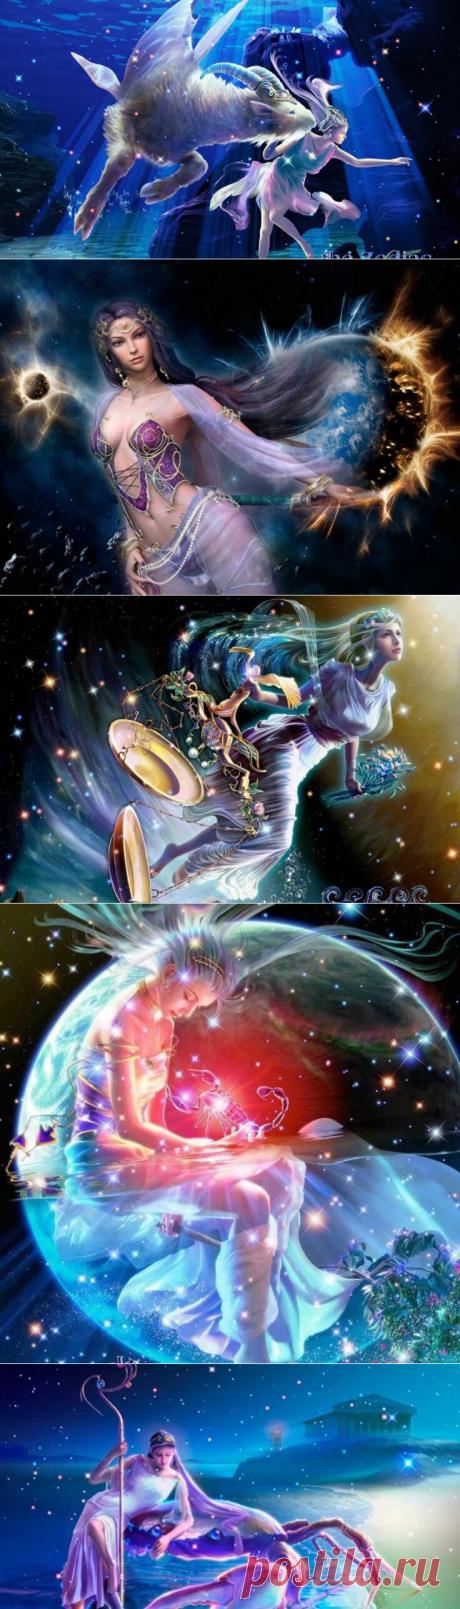 Большой личный гороскоп Знаков Зодиака на год с бонусом и девизом   В темпі життя